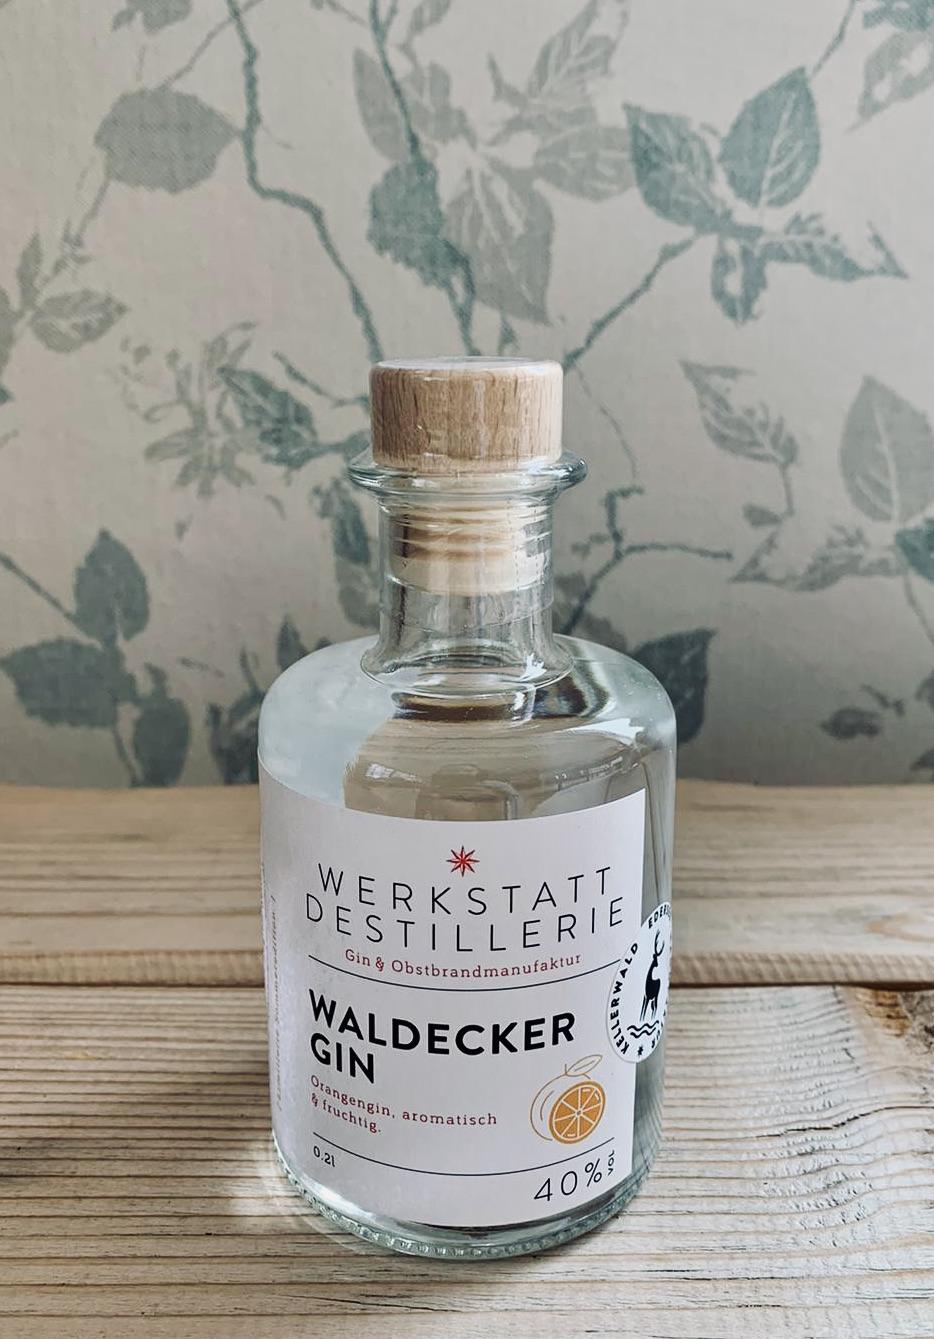 Werkstatt Destillerie, Orangen Gin, Waldecker Gin